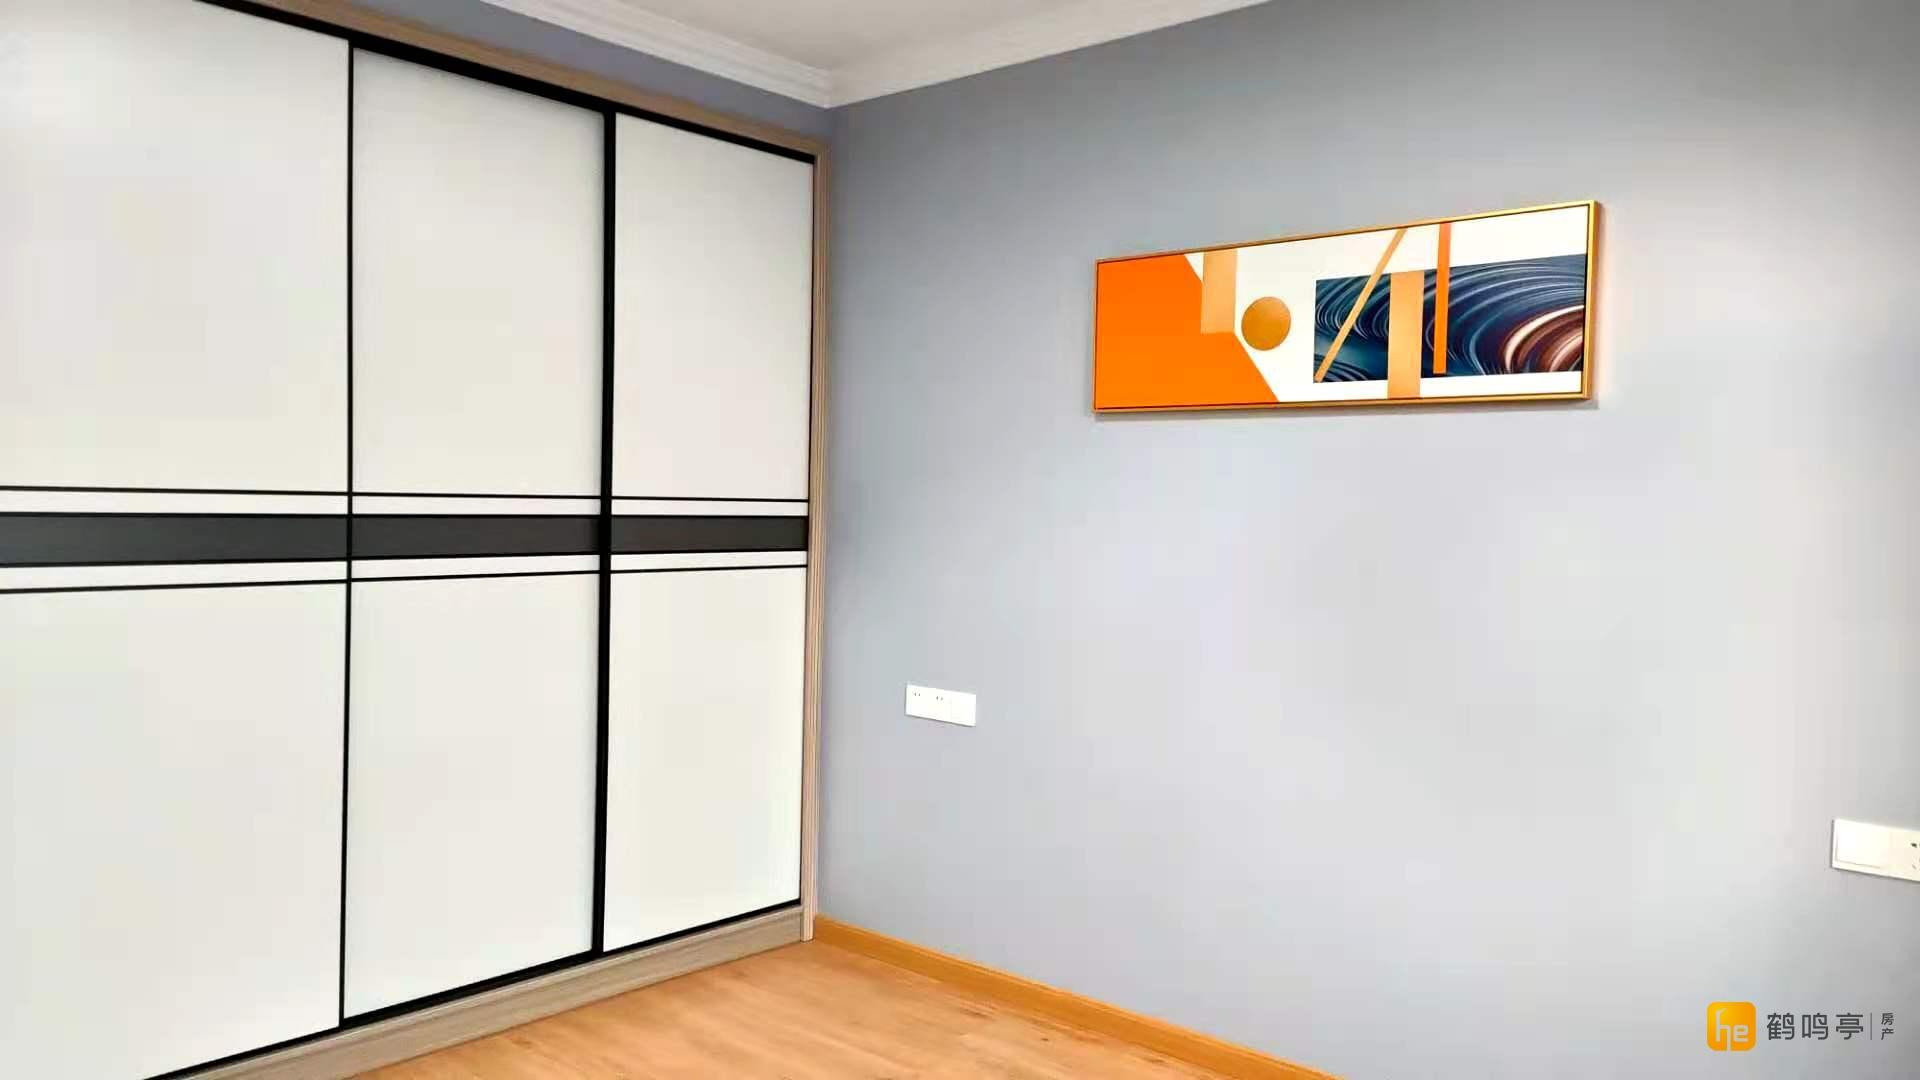 北盐中学区房 沙井头5楼86平送车库8平方精装吉房出售